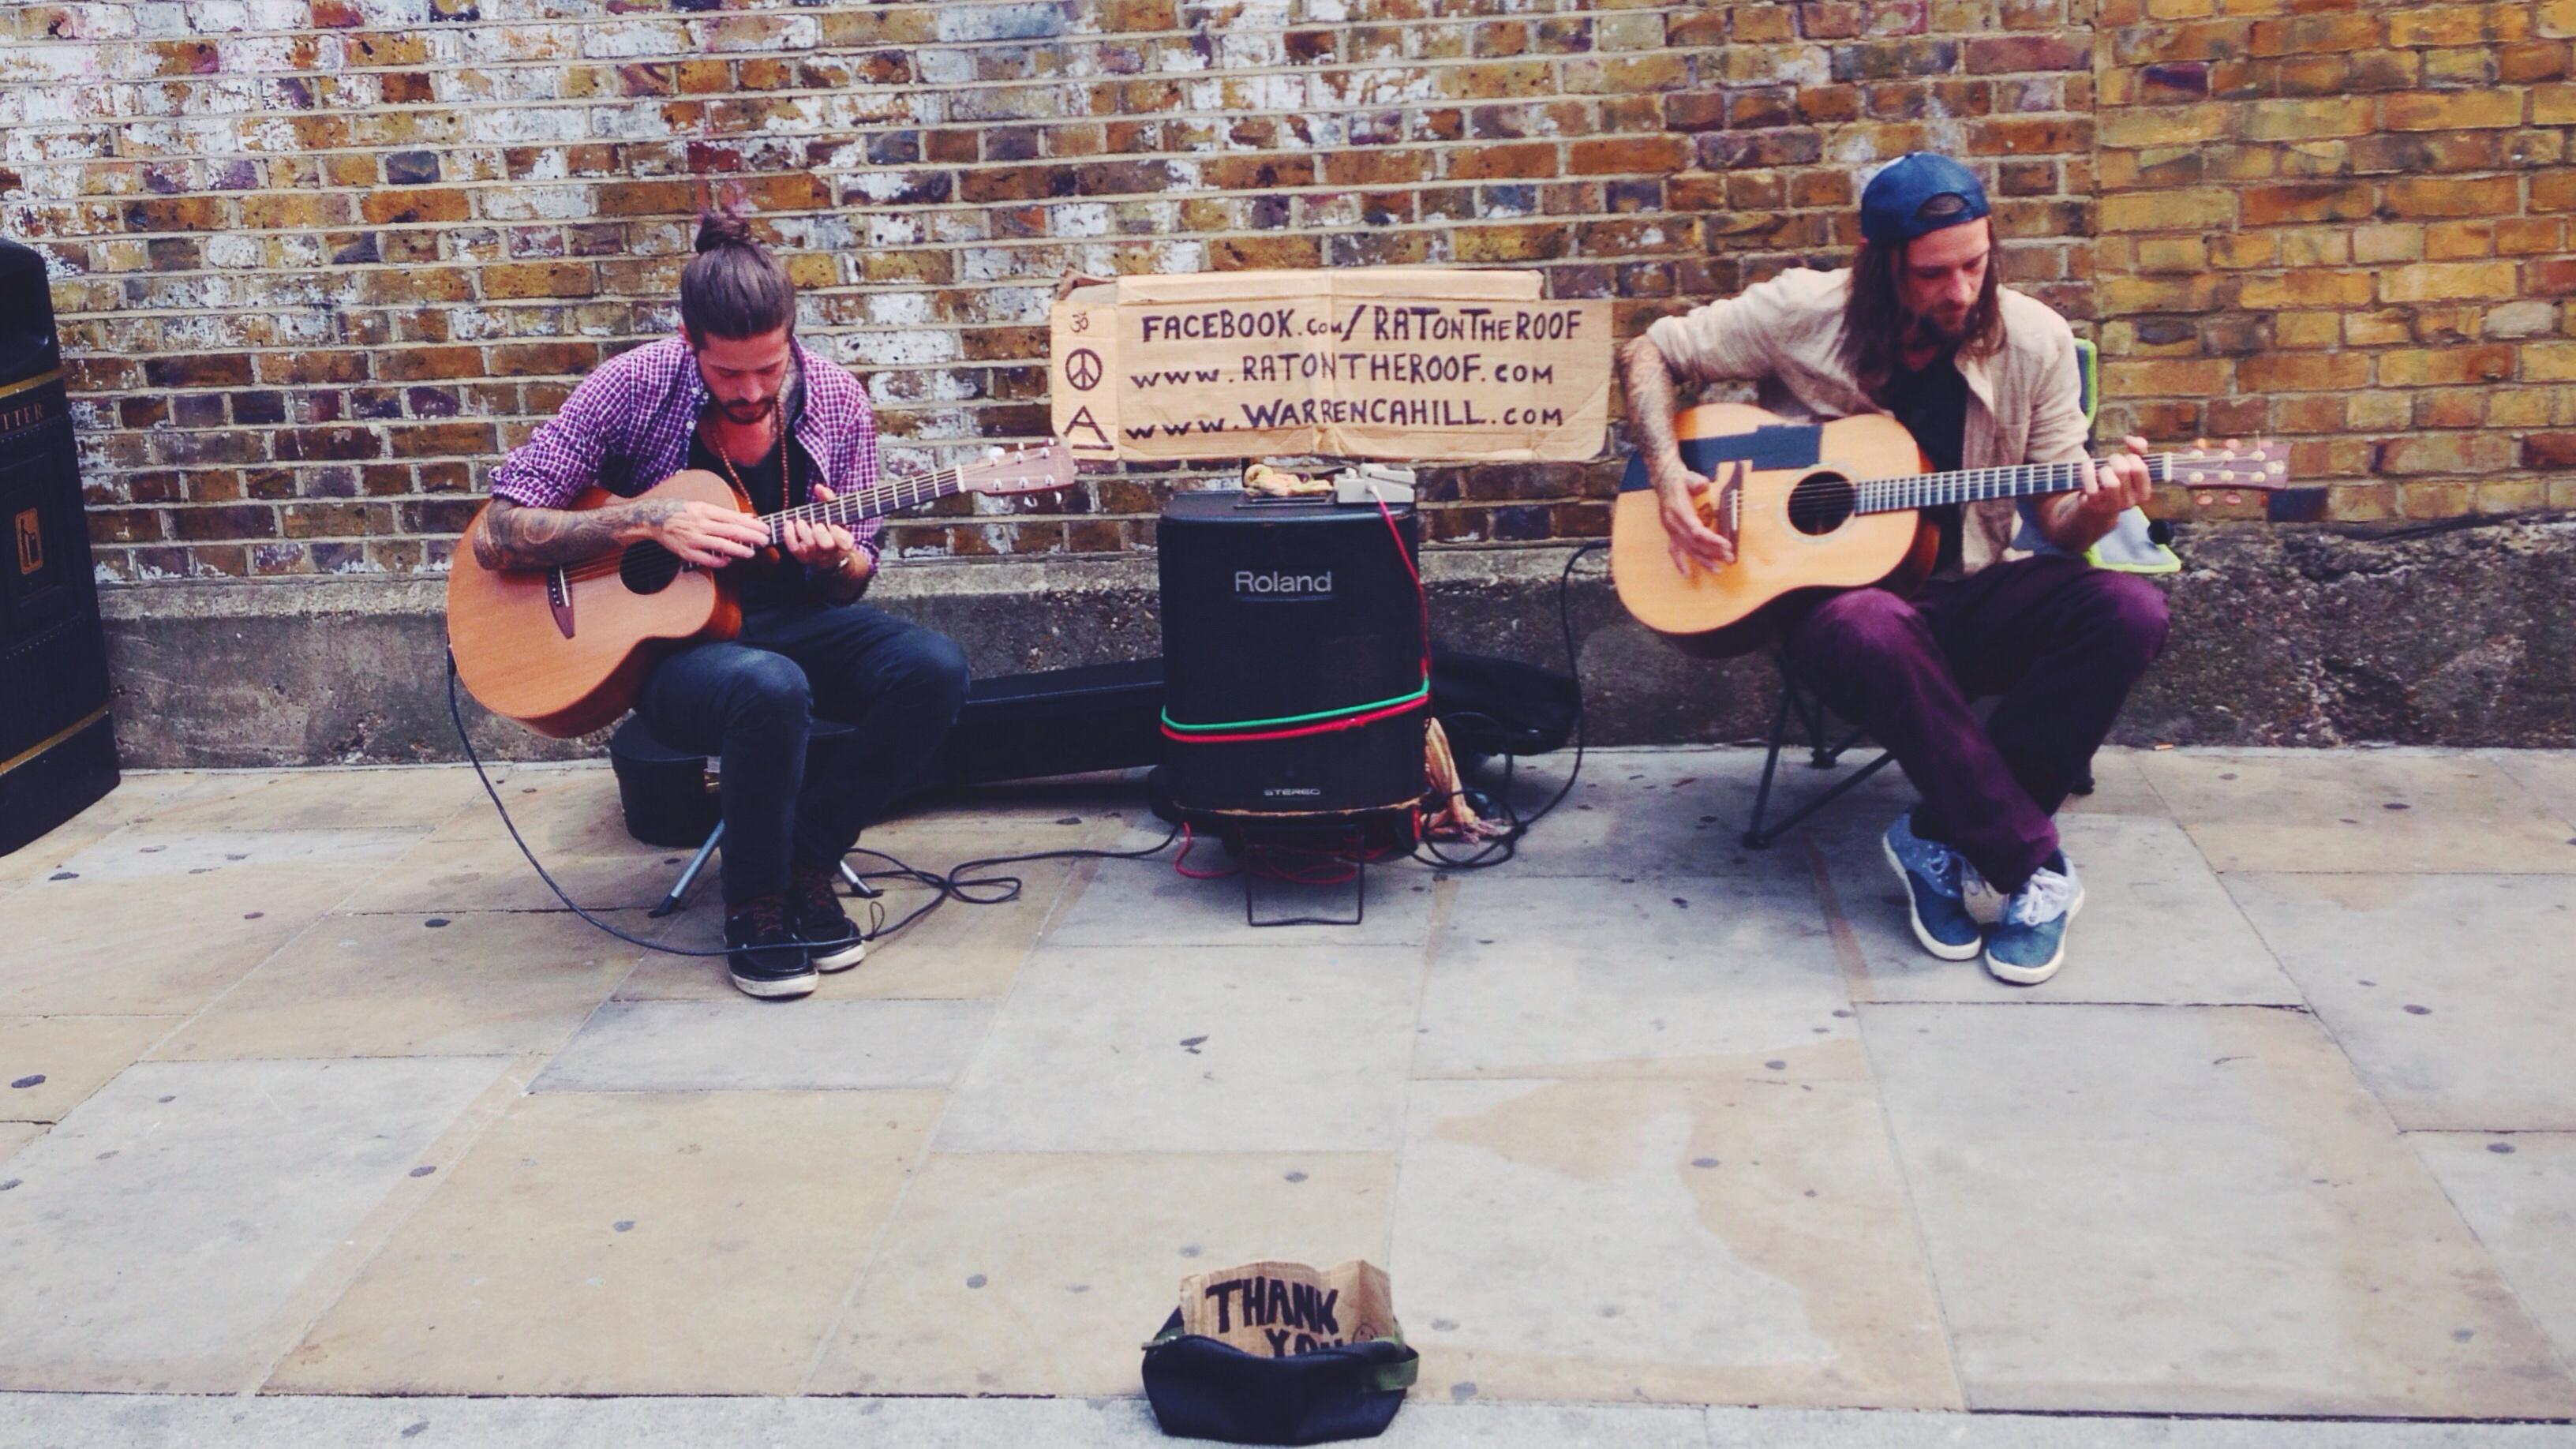 Foap-Street_music_band